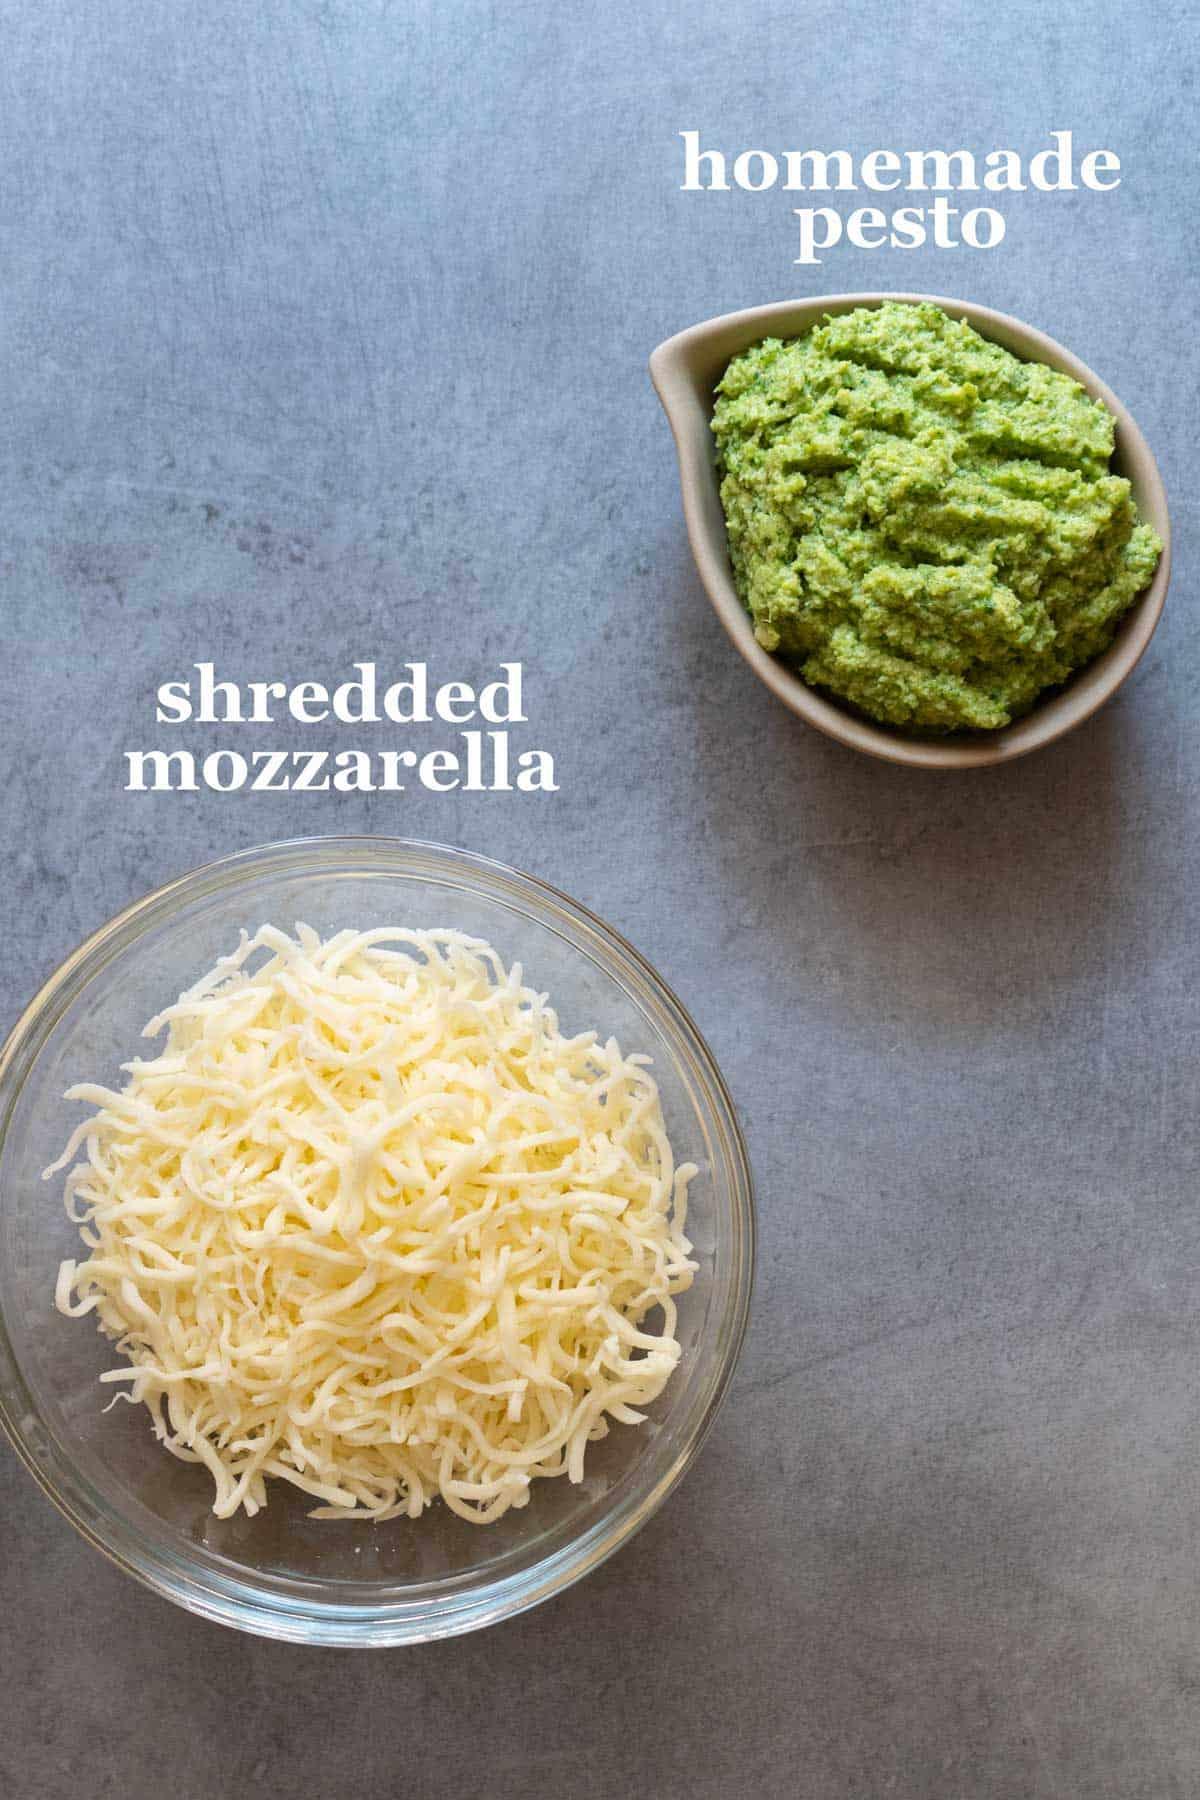 A bowl with pesto and a bowl of mozzarella